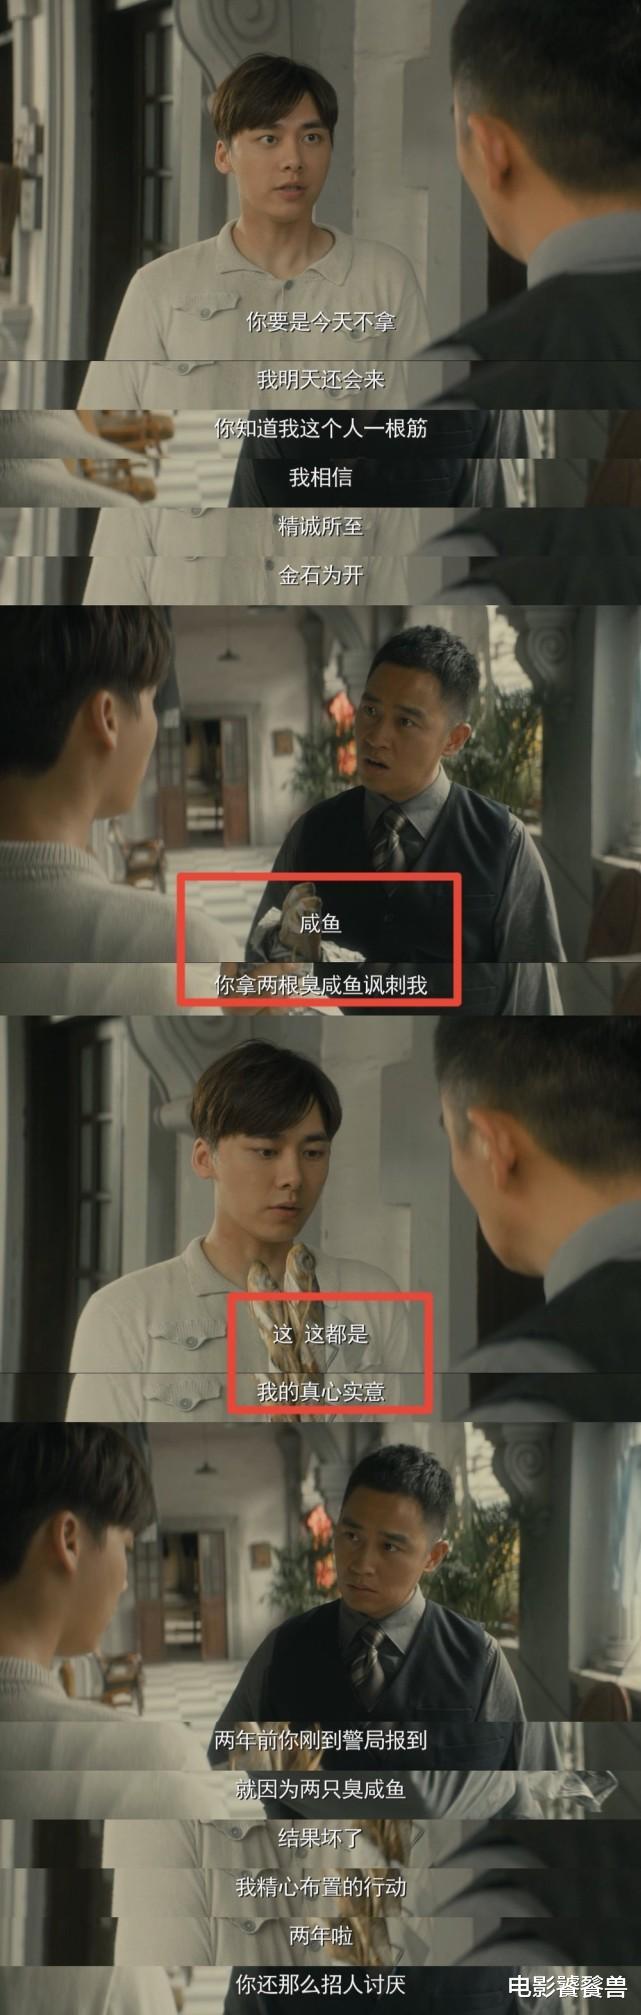 顧耀東終於開掛,卻逼瘋可達鴨,85後李易峰的新劇太上頭-圖5